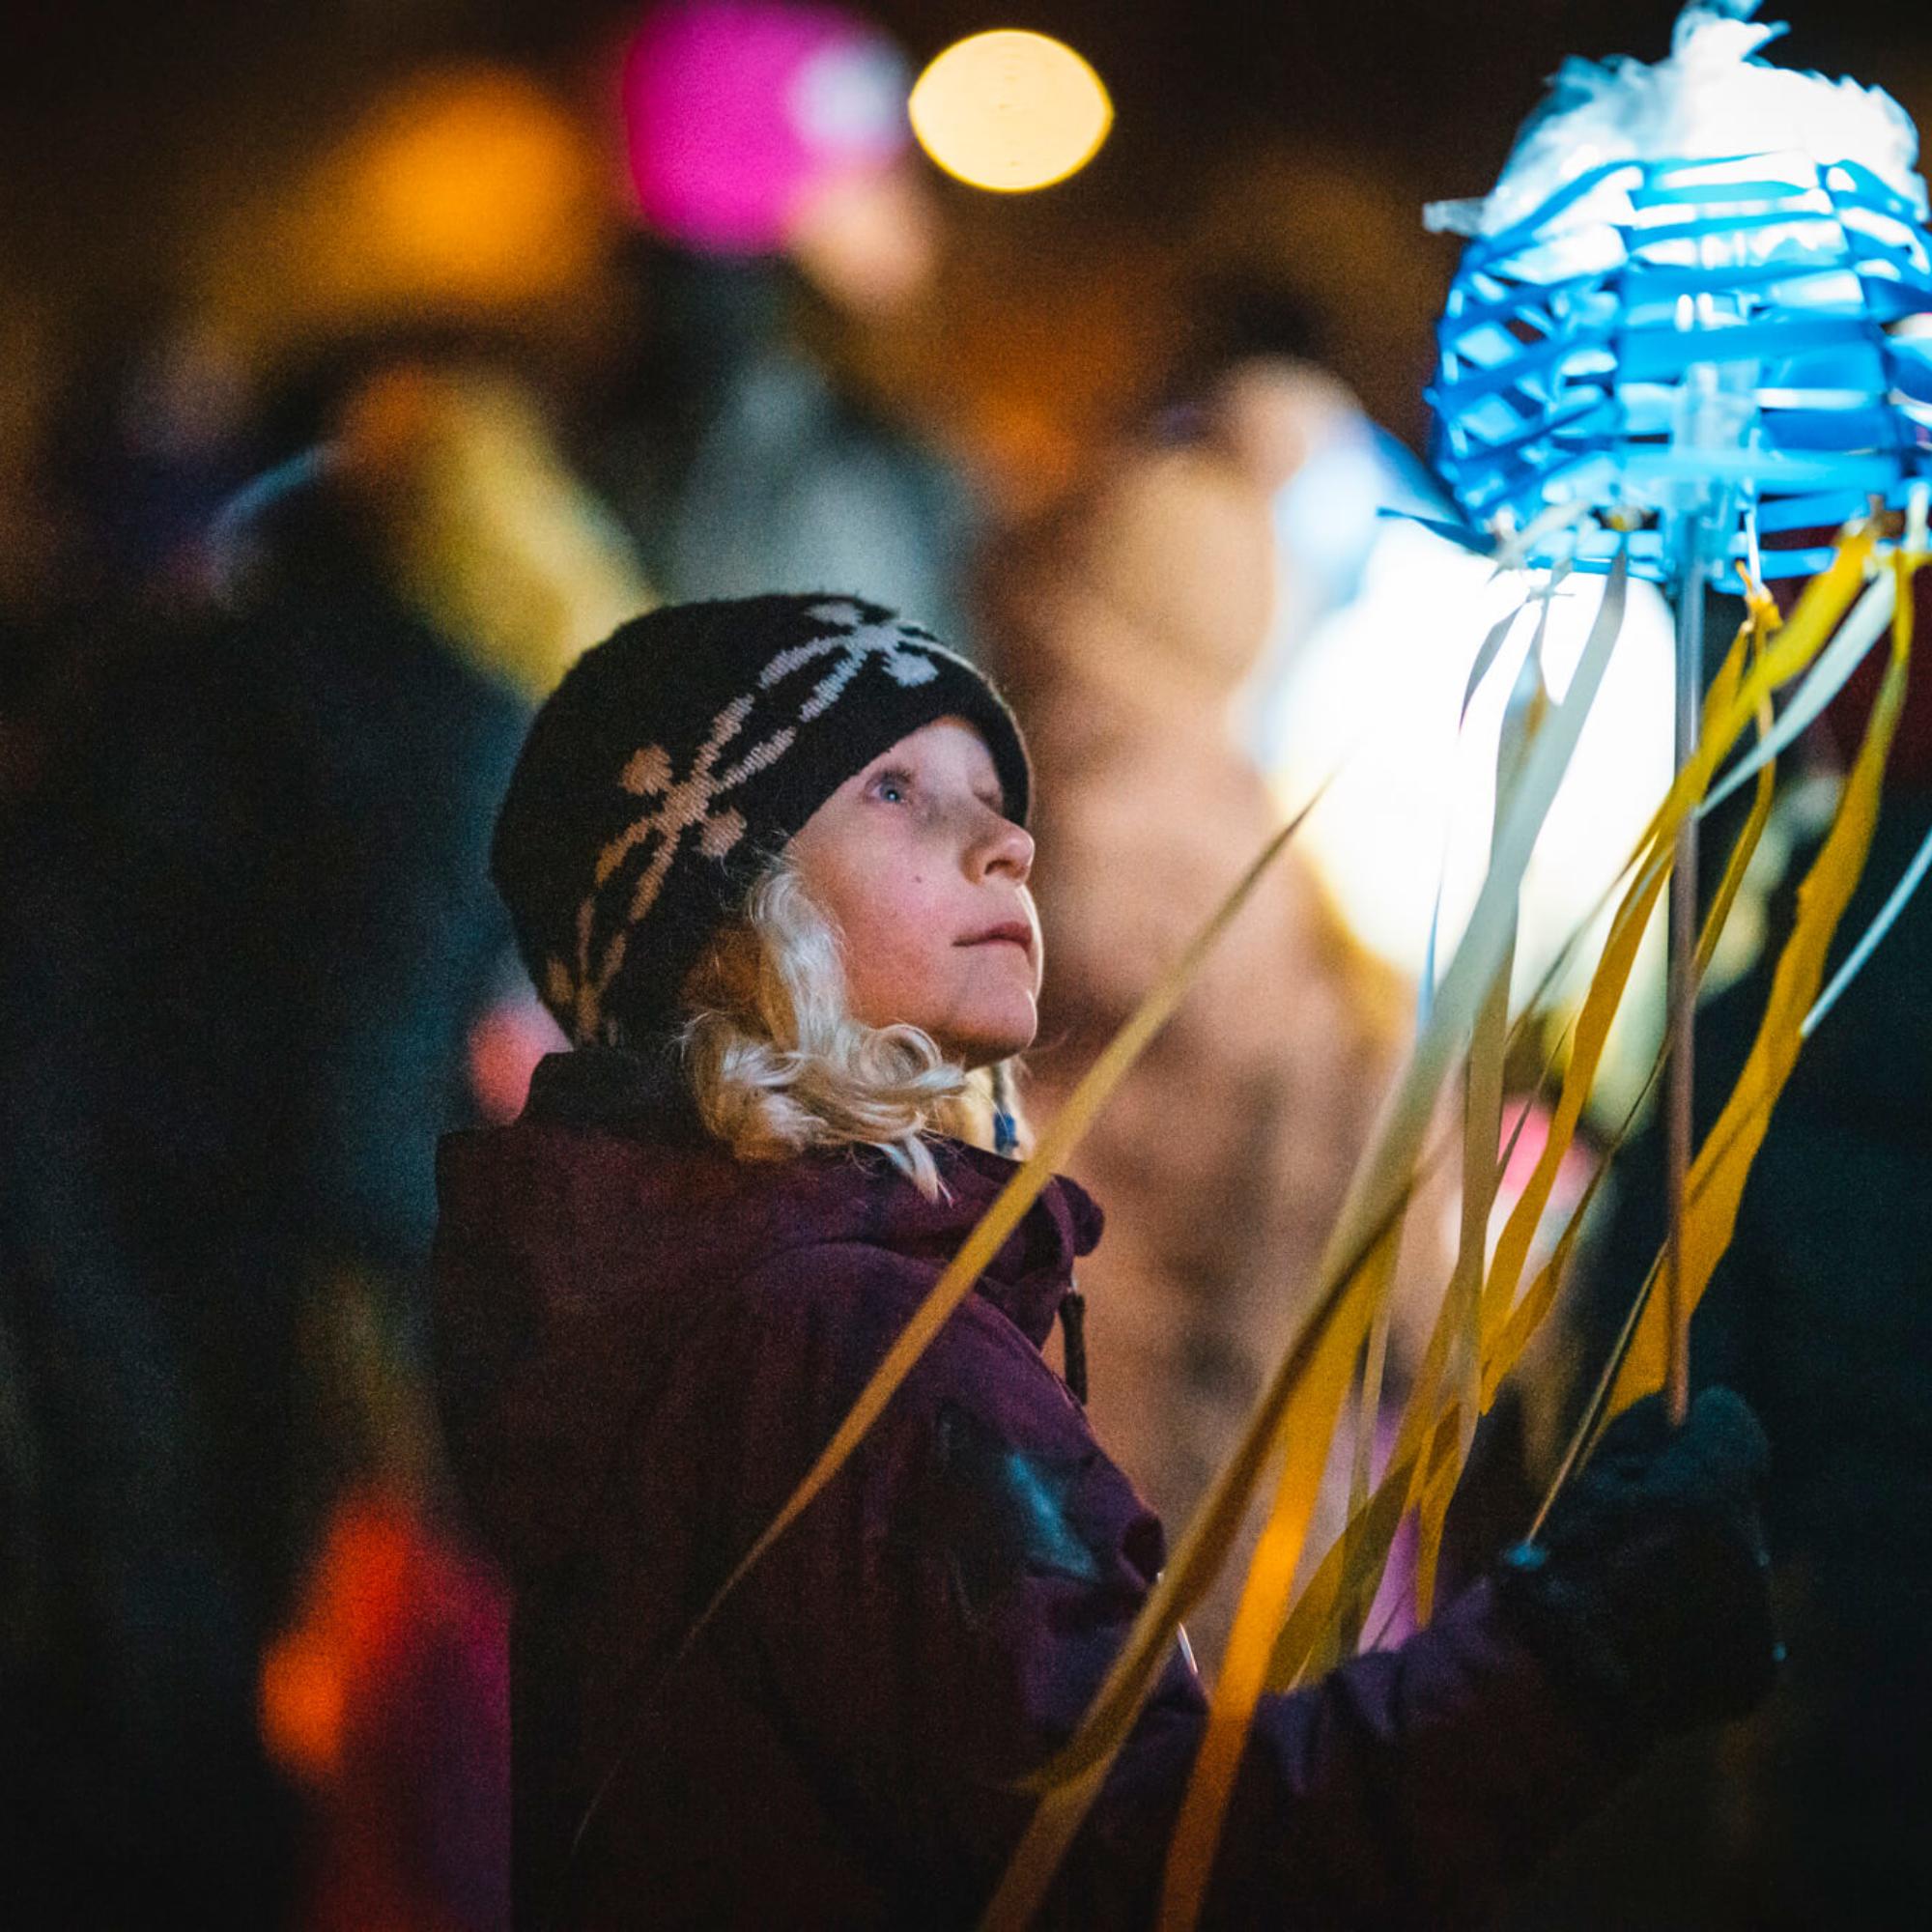 Vaasan kaupungin taiteen perusopetuksen (TaiKon) VALOA – LJUS -tapahtuma 20.11.2019.